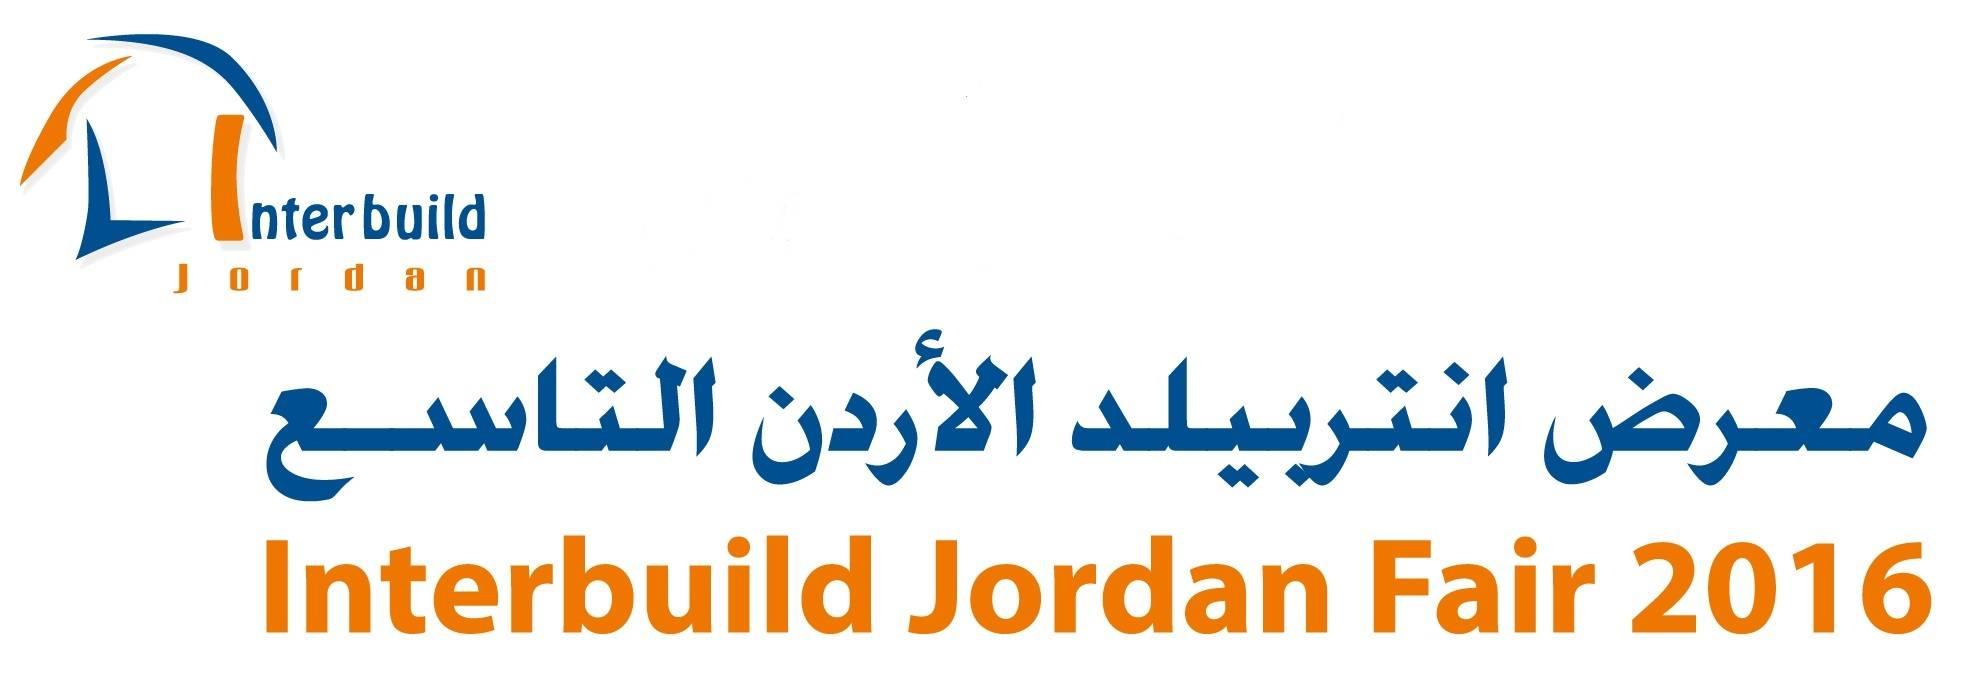 约旦安曼国际建筑及建筑技术展览会logo